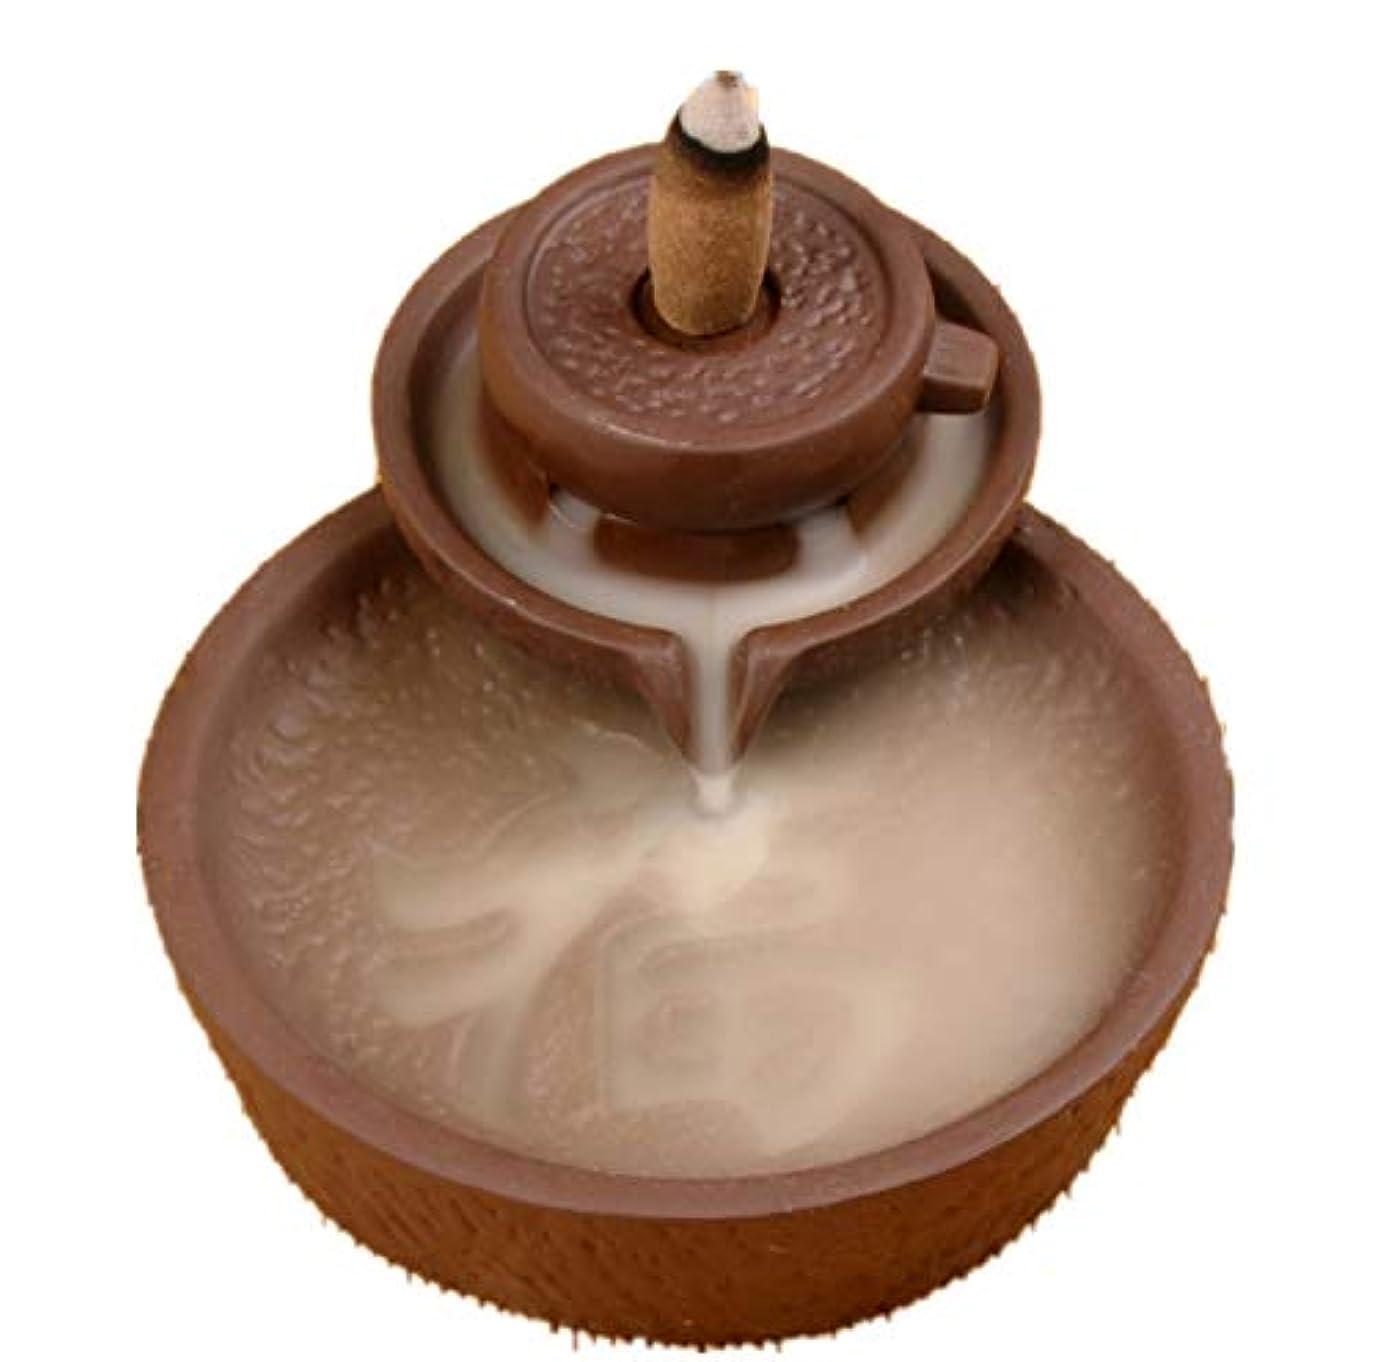 長椅子救出交流するXPPXPP Backflow Incense Burner With 10pcs Backflow Incense Cone, Home Ceramic Backflow Incense Cone Holder Burner